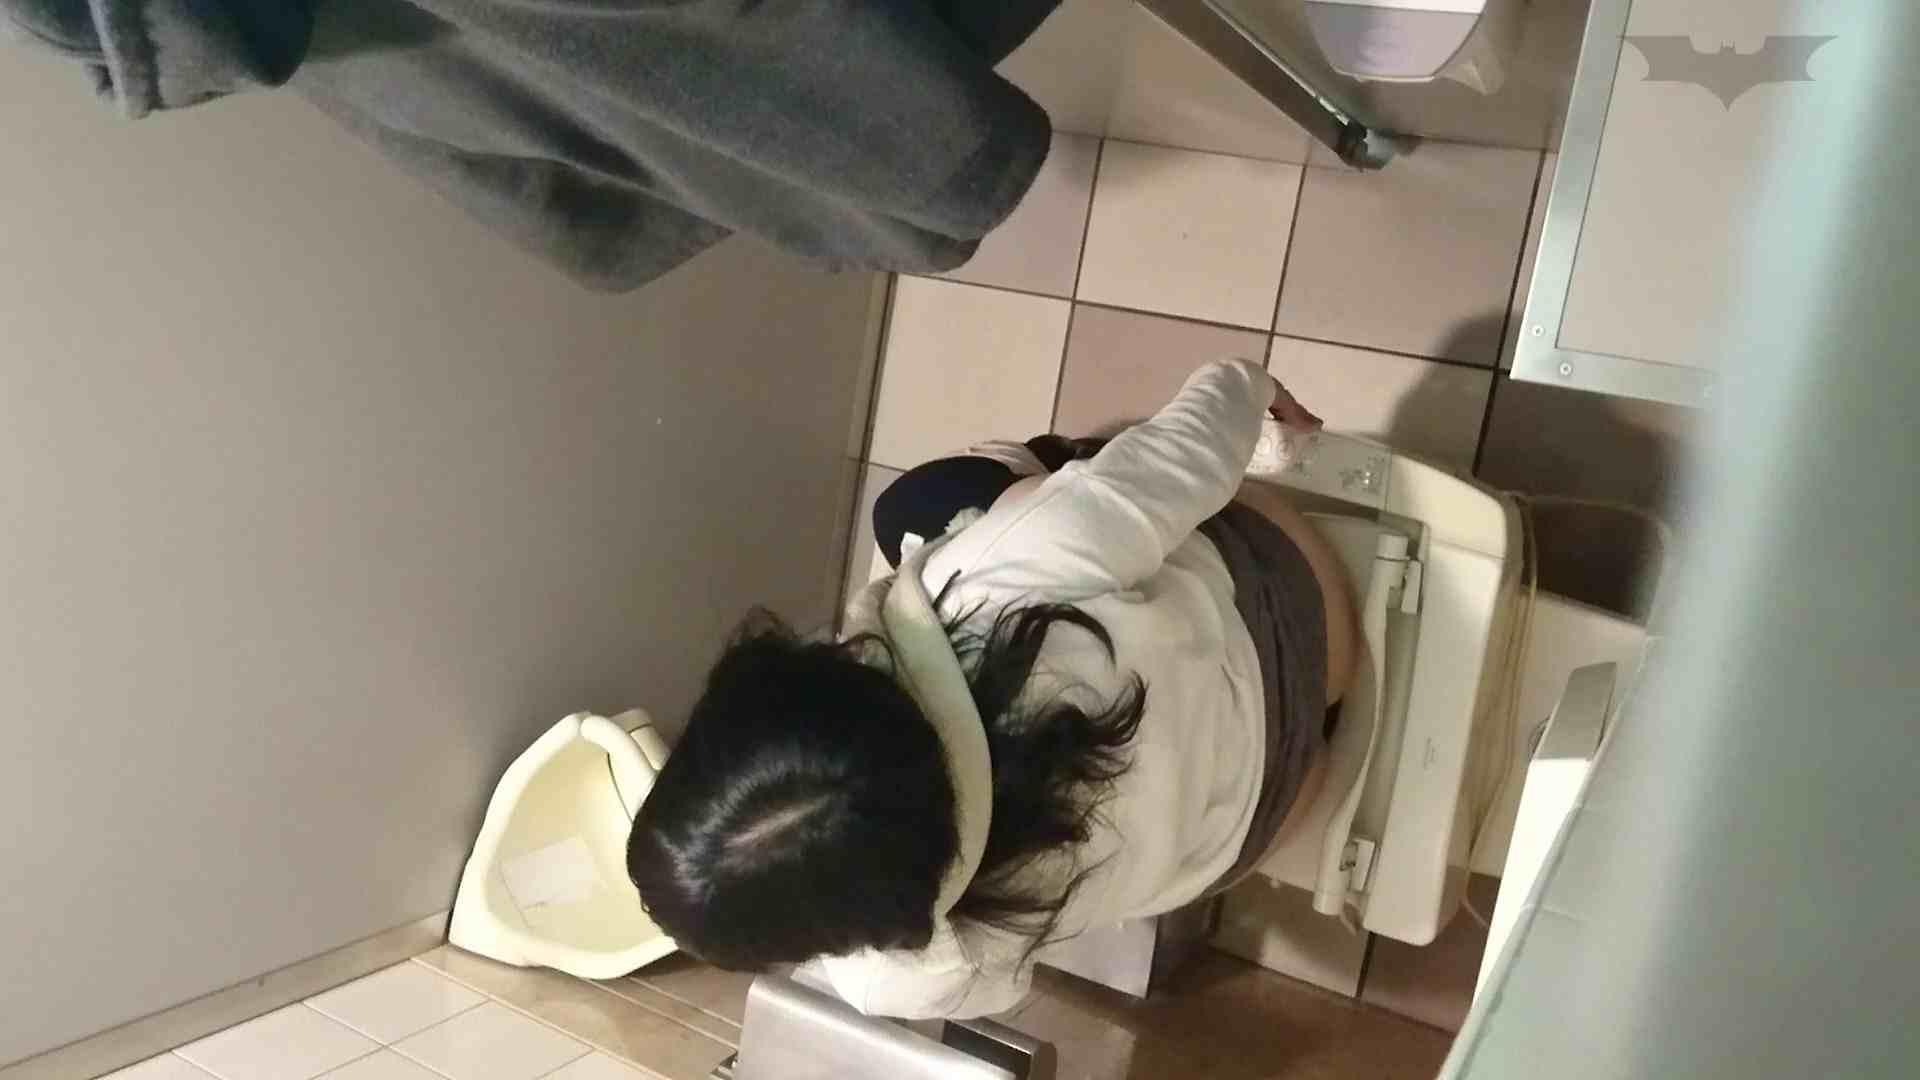 化粧室絵巻 ショッピングモール編 VOL.12 美肌  71PIX 56